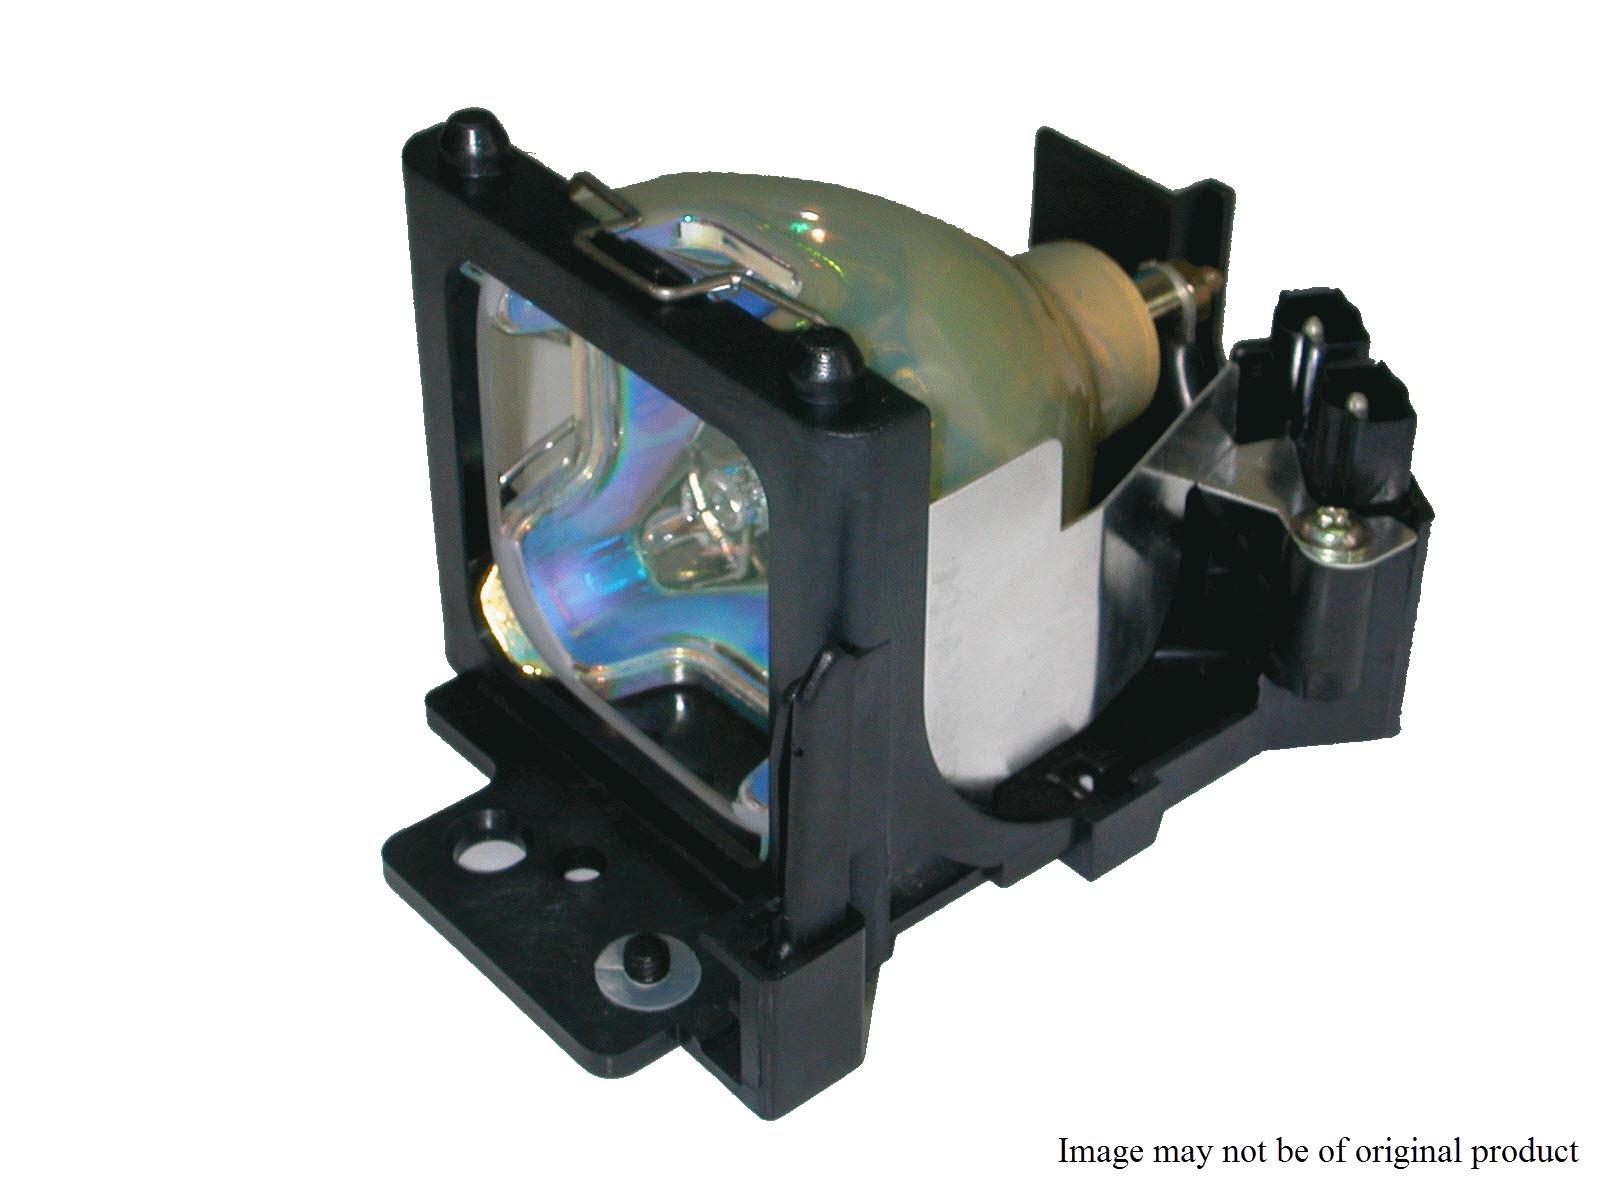 Go Lamp For Ec.j5500.001 - Gl527